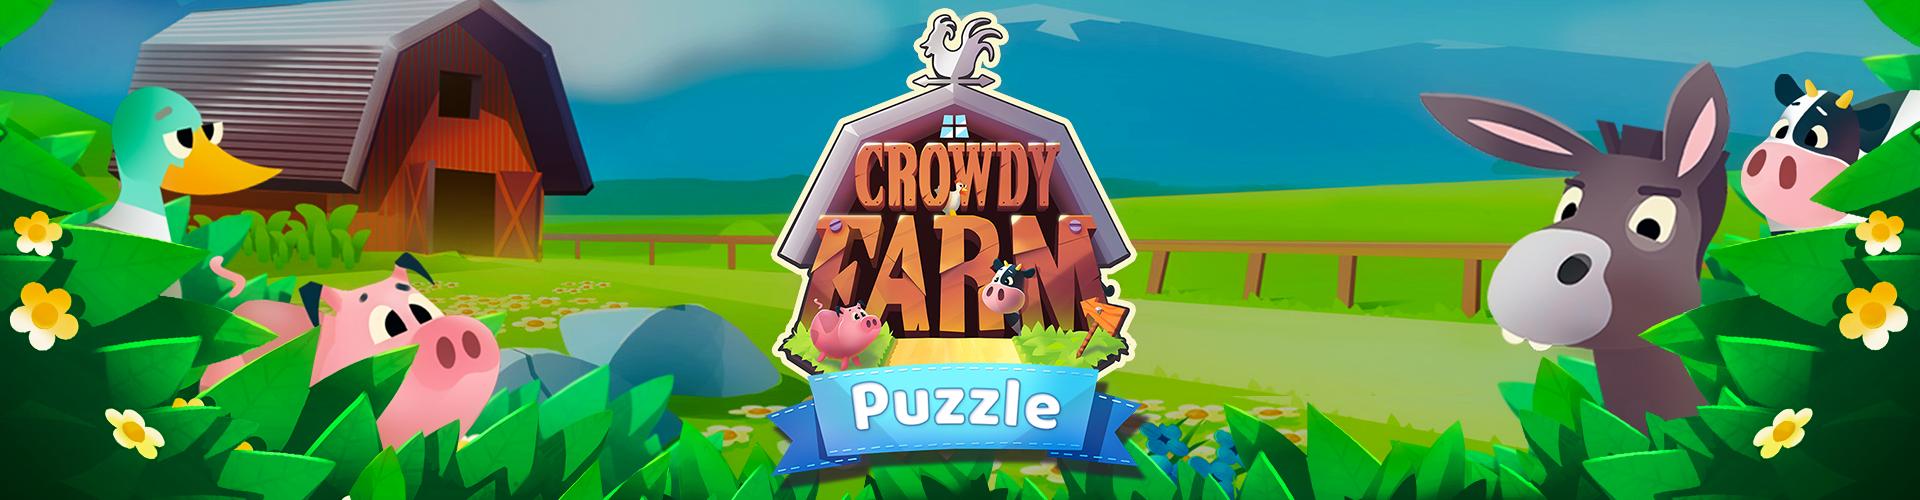 CF_Puzzle_7lvls_web